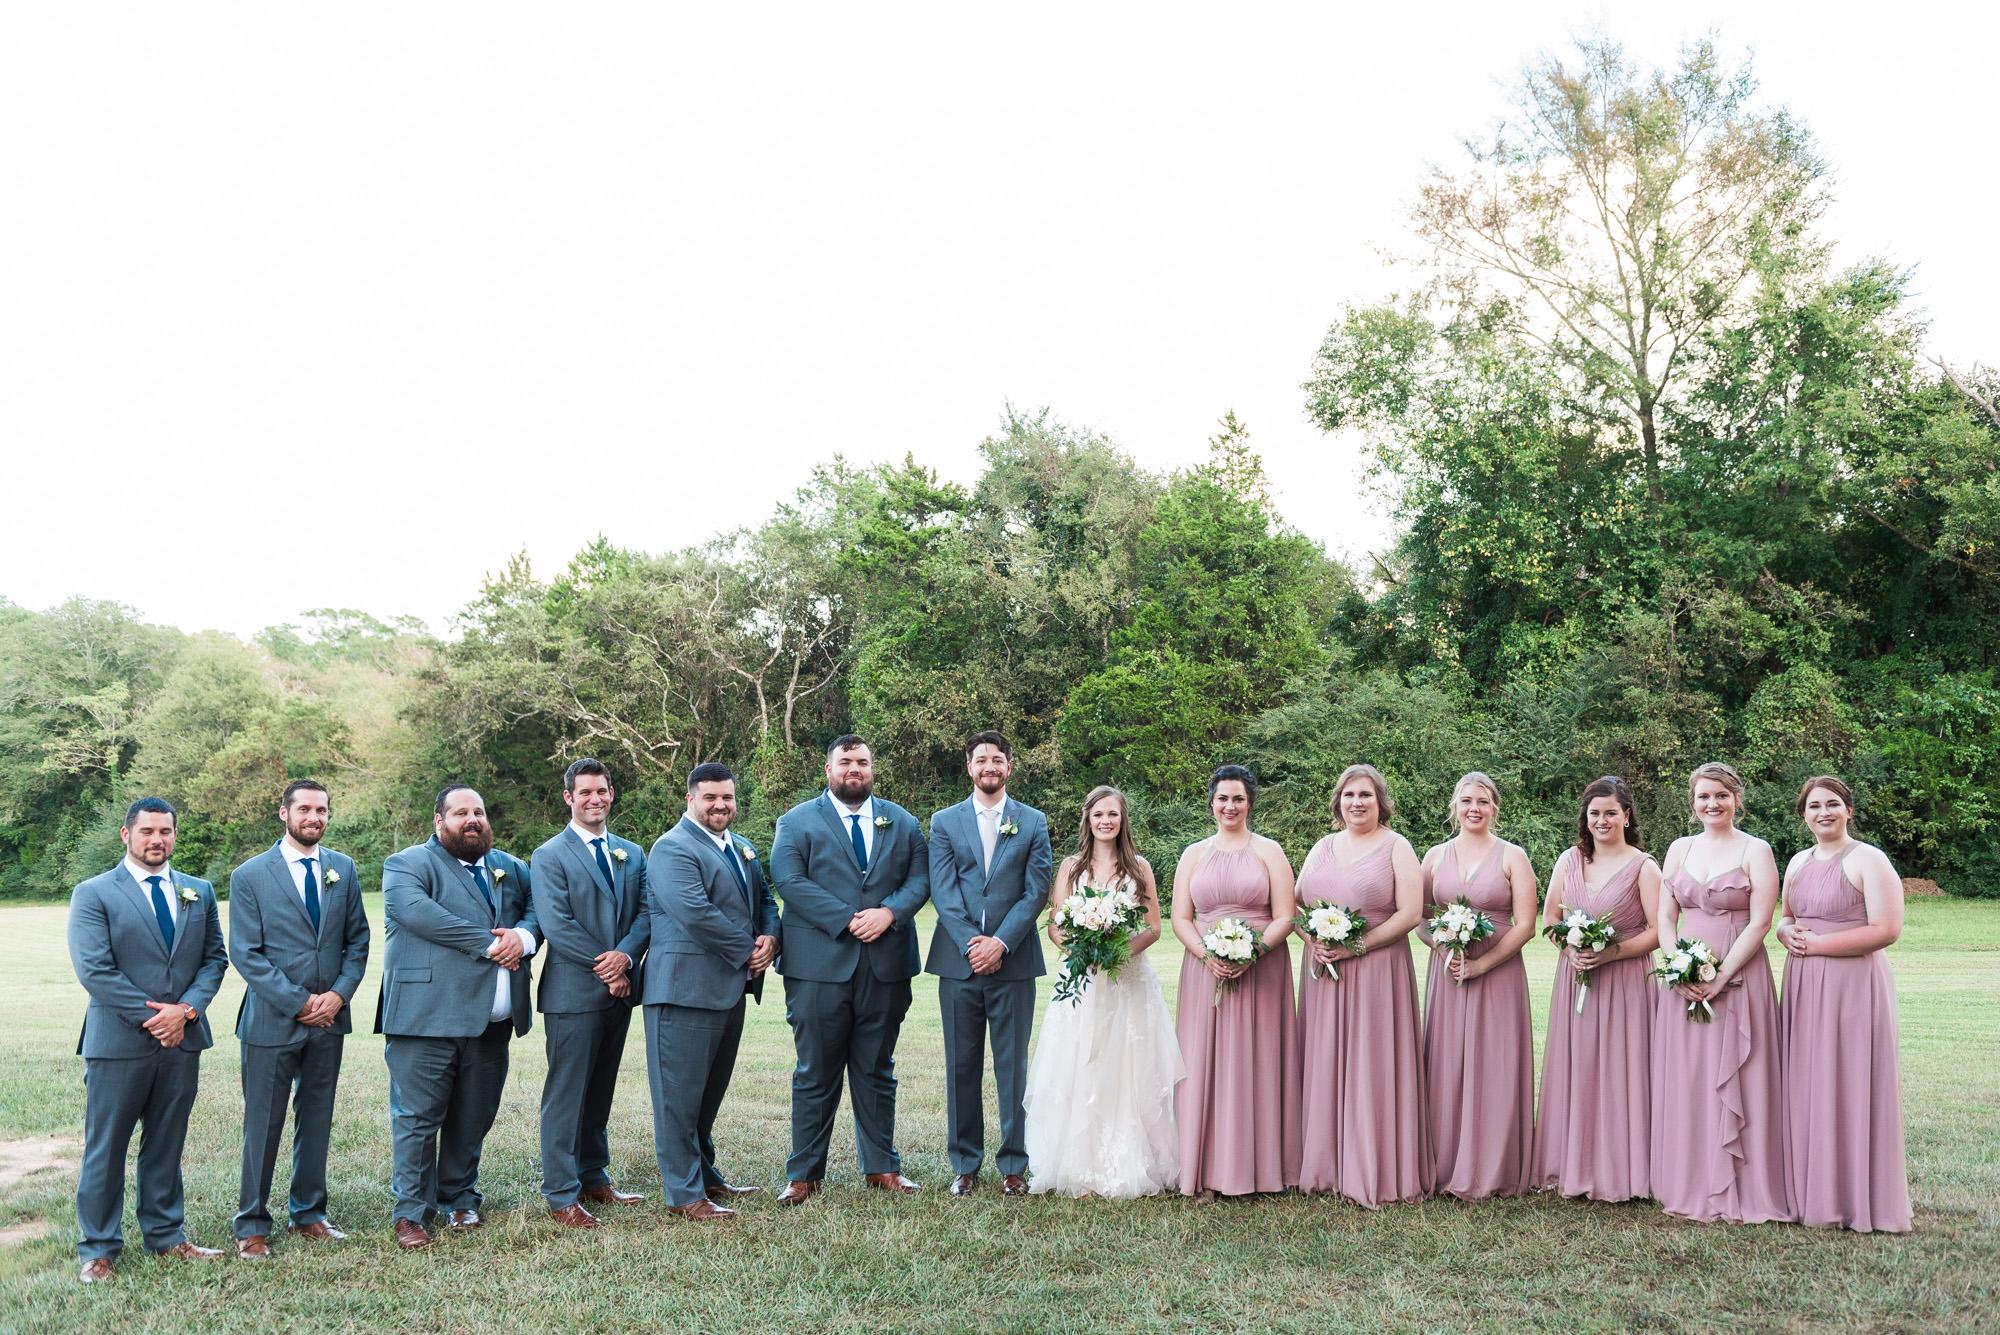 Athens-Georgia-wedding-party-40.jpg